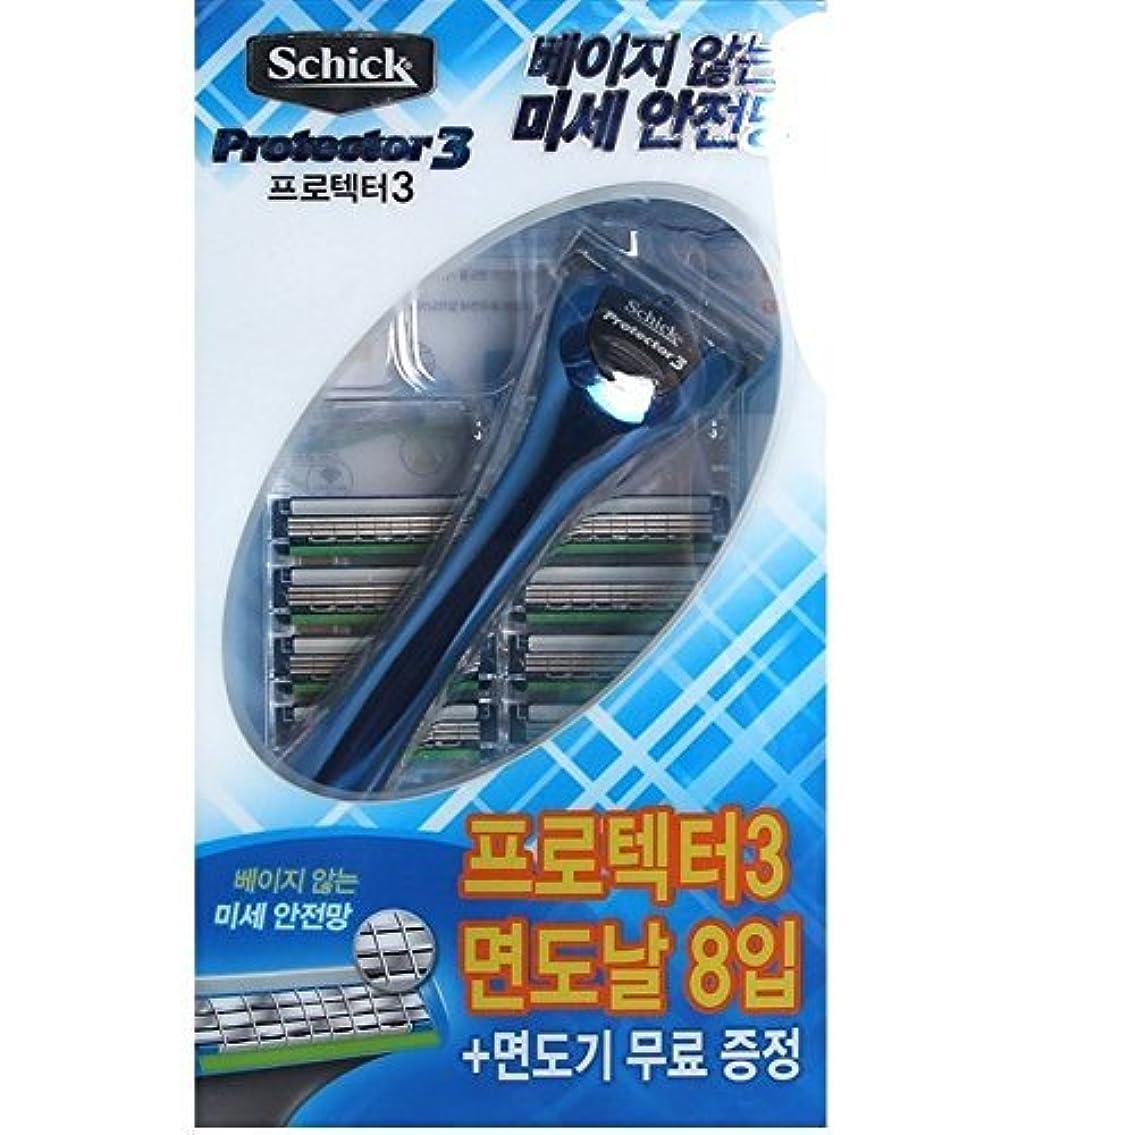 後素人観光Schick Protector3 1 Razor + 8 カートリッジリフィルブレイド [並行輸入品]